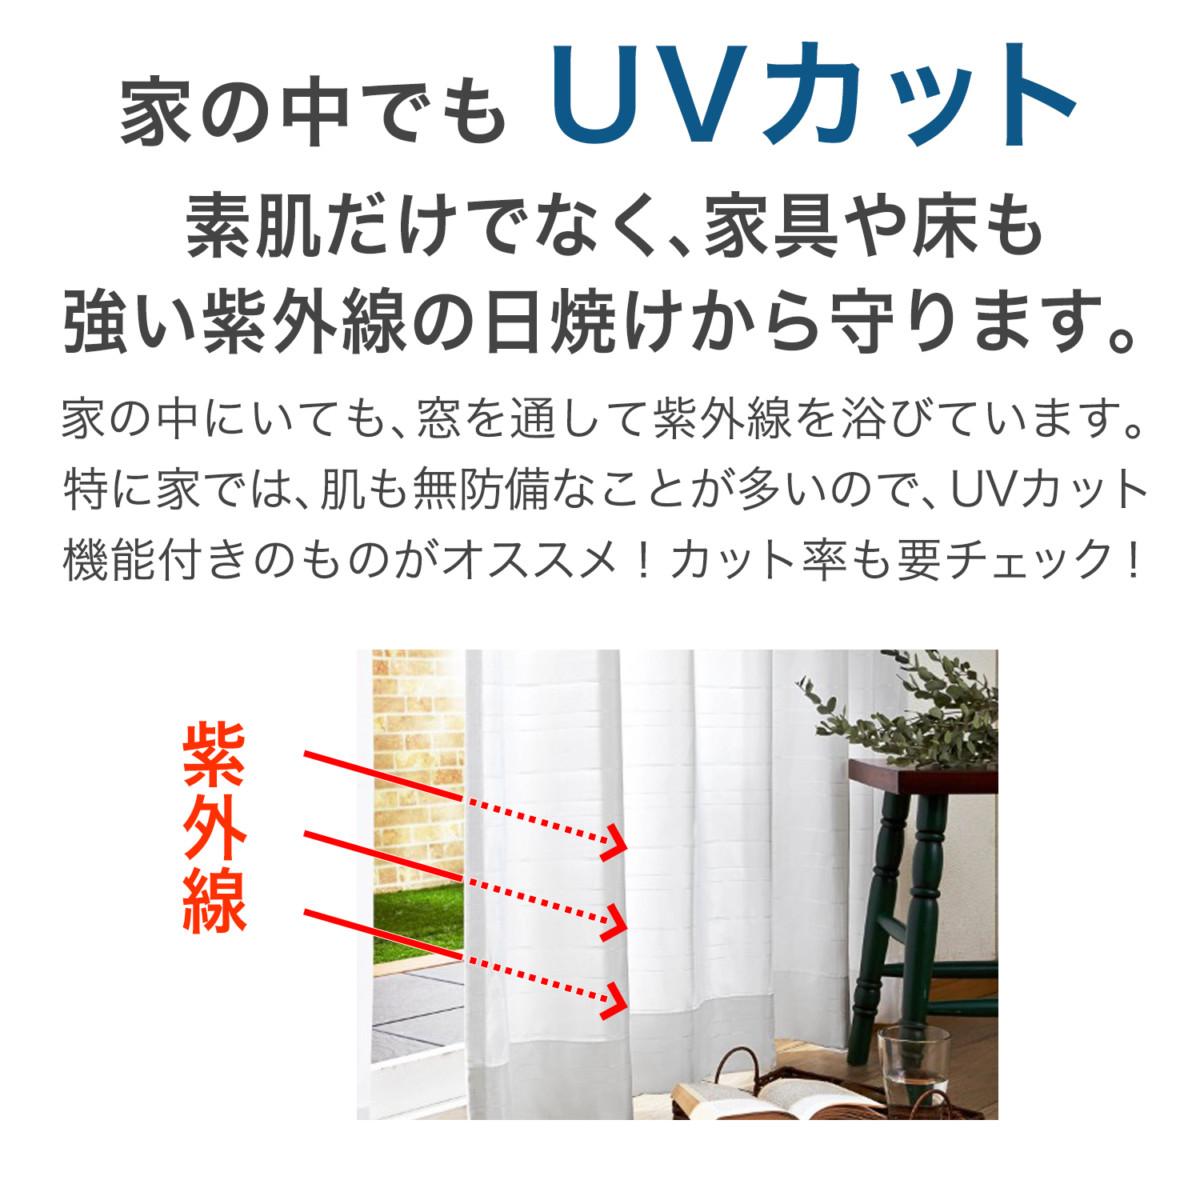 ミッキーモチーフの風を通すUVカット・遮像ボイルカーテン UVカット